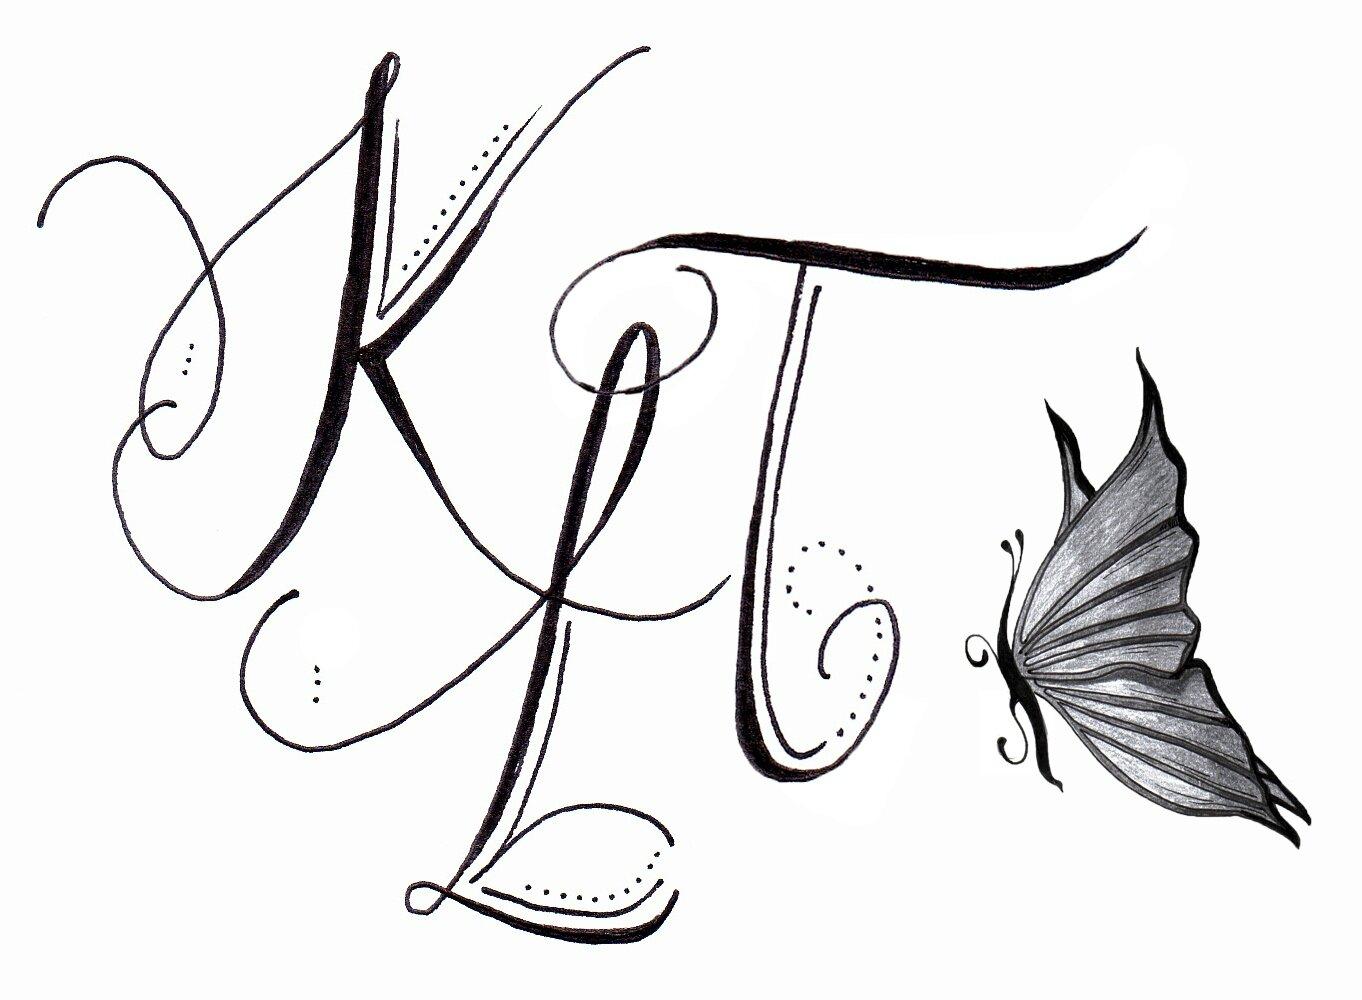 Lettre t calligraphie vp89 jornalagora - Pot en 3 lettres ...